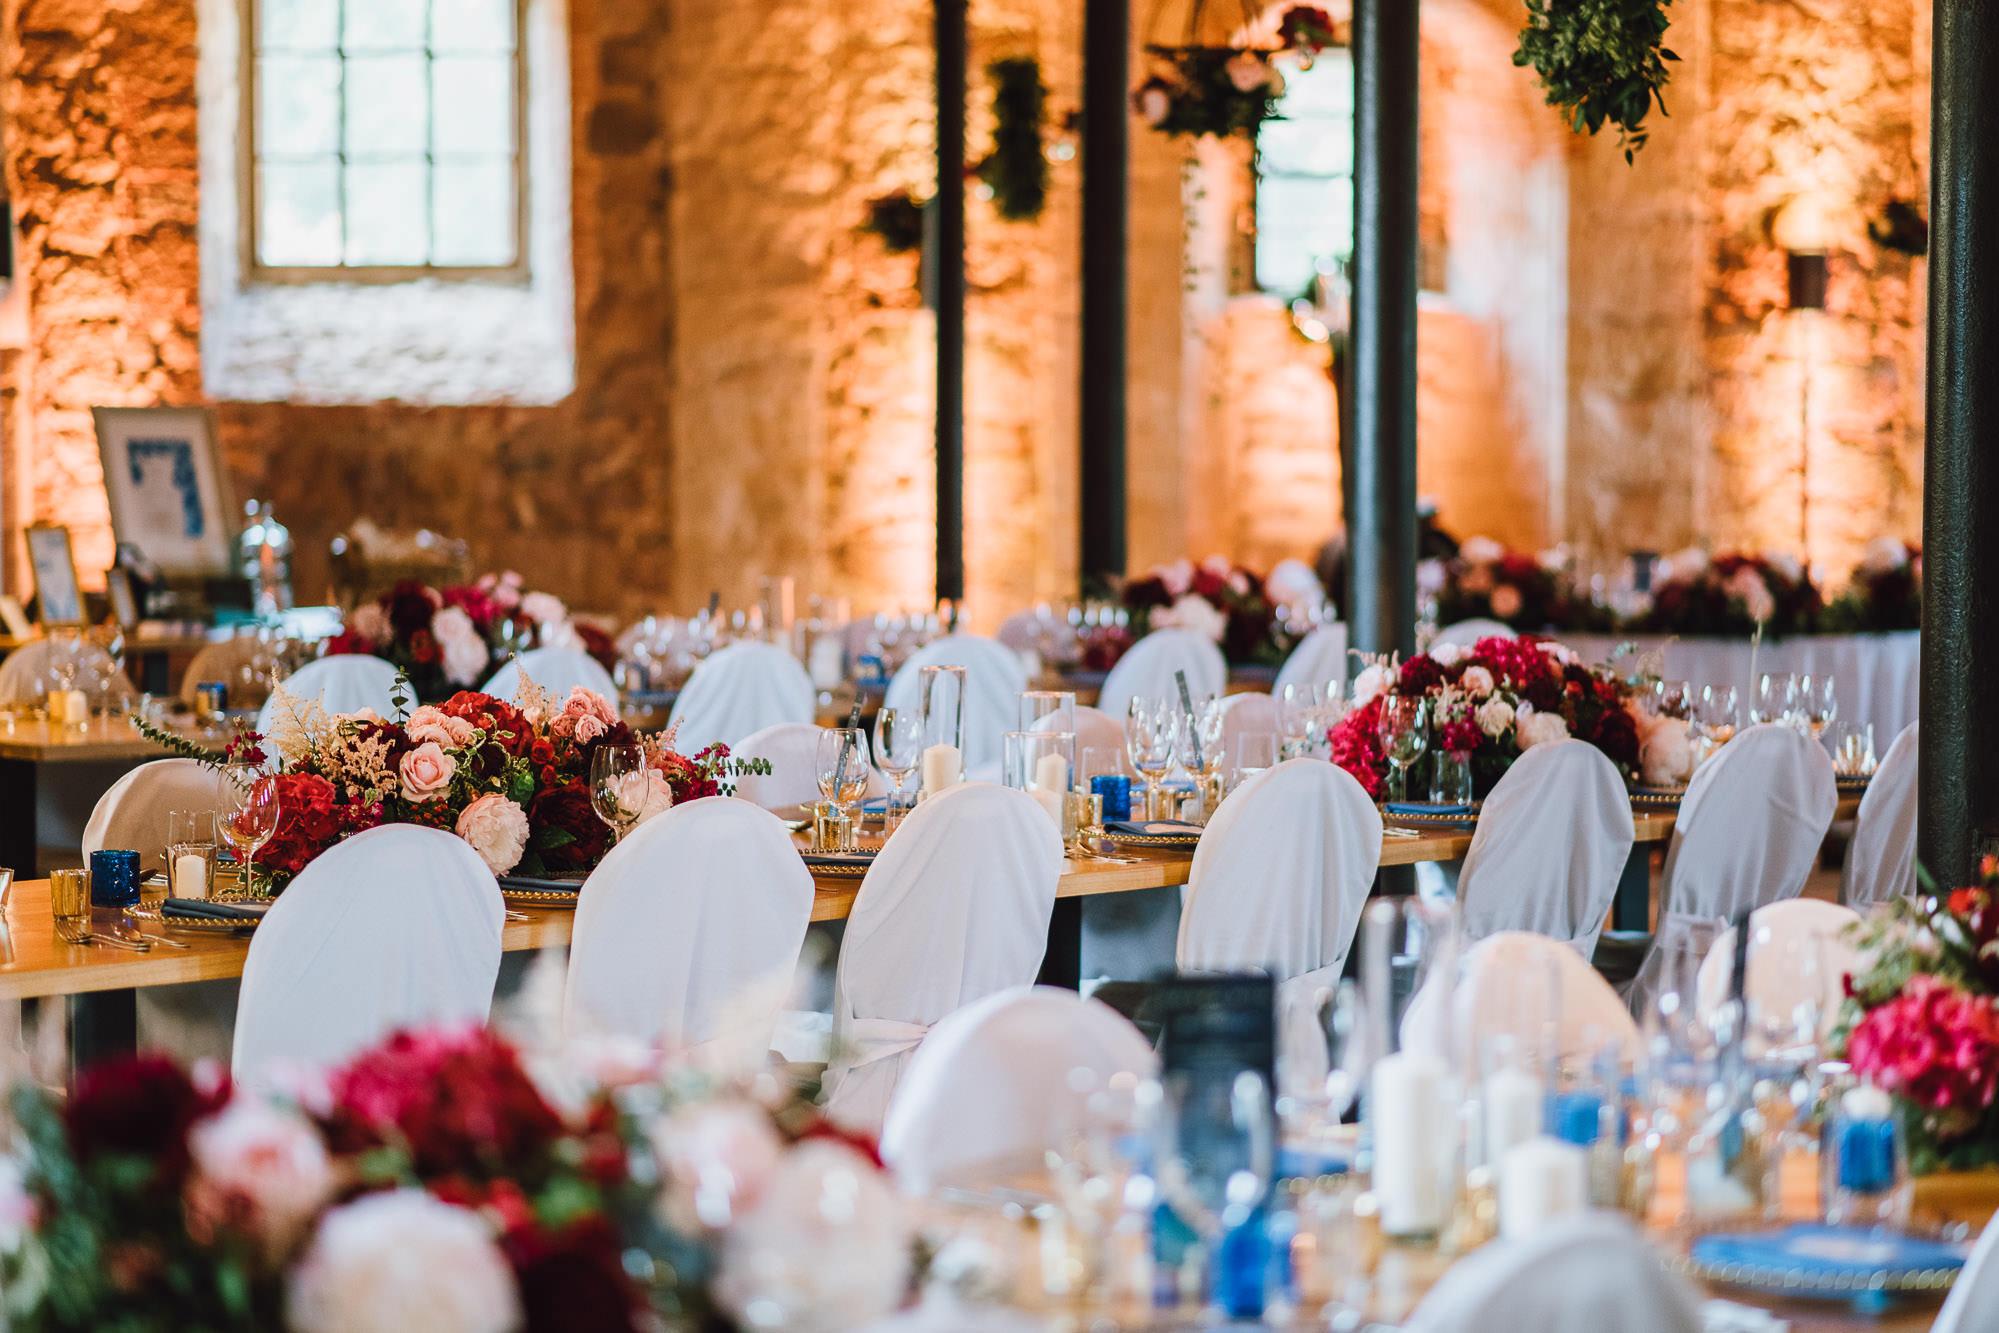 rustic-elegant-wedding-schloss-hochzeit-eyrichshof-franken-bamberg-119